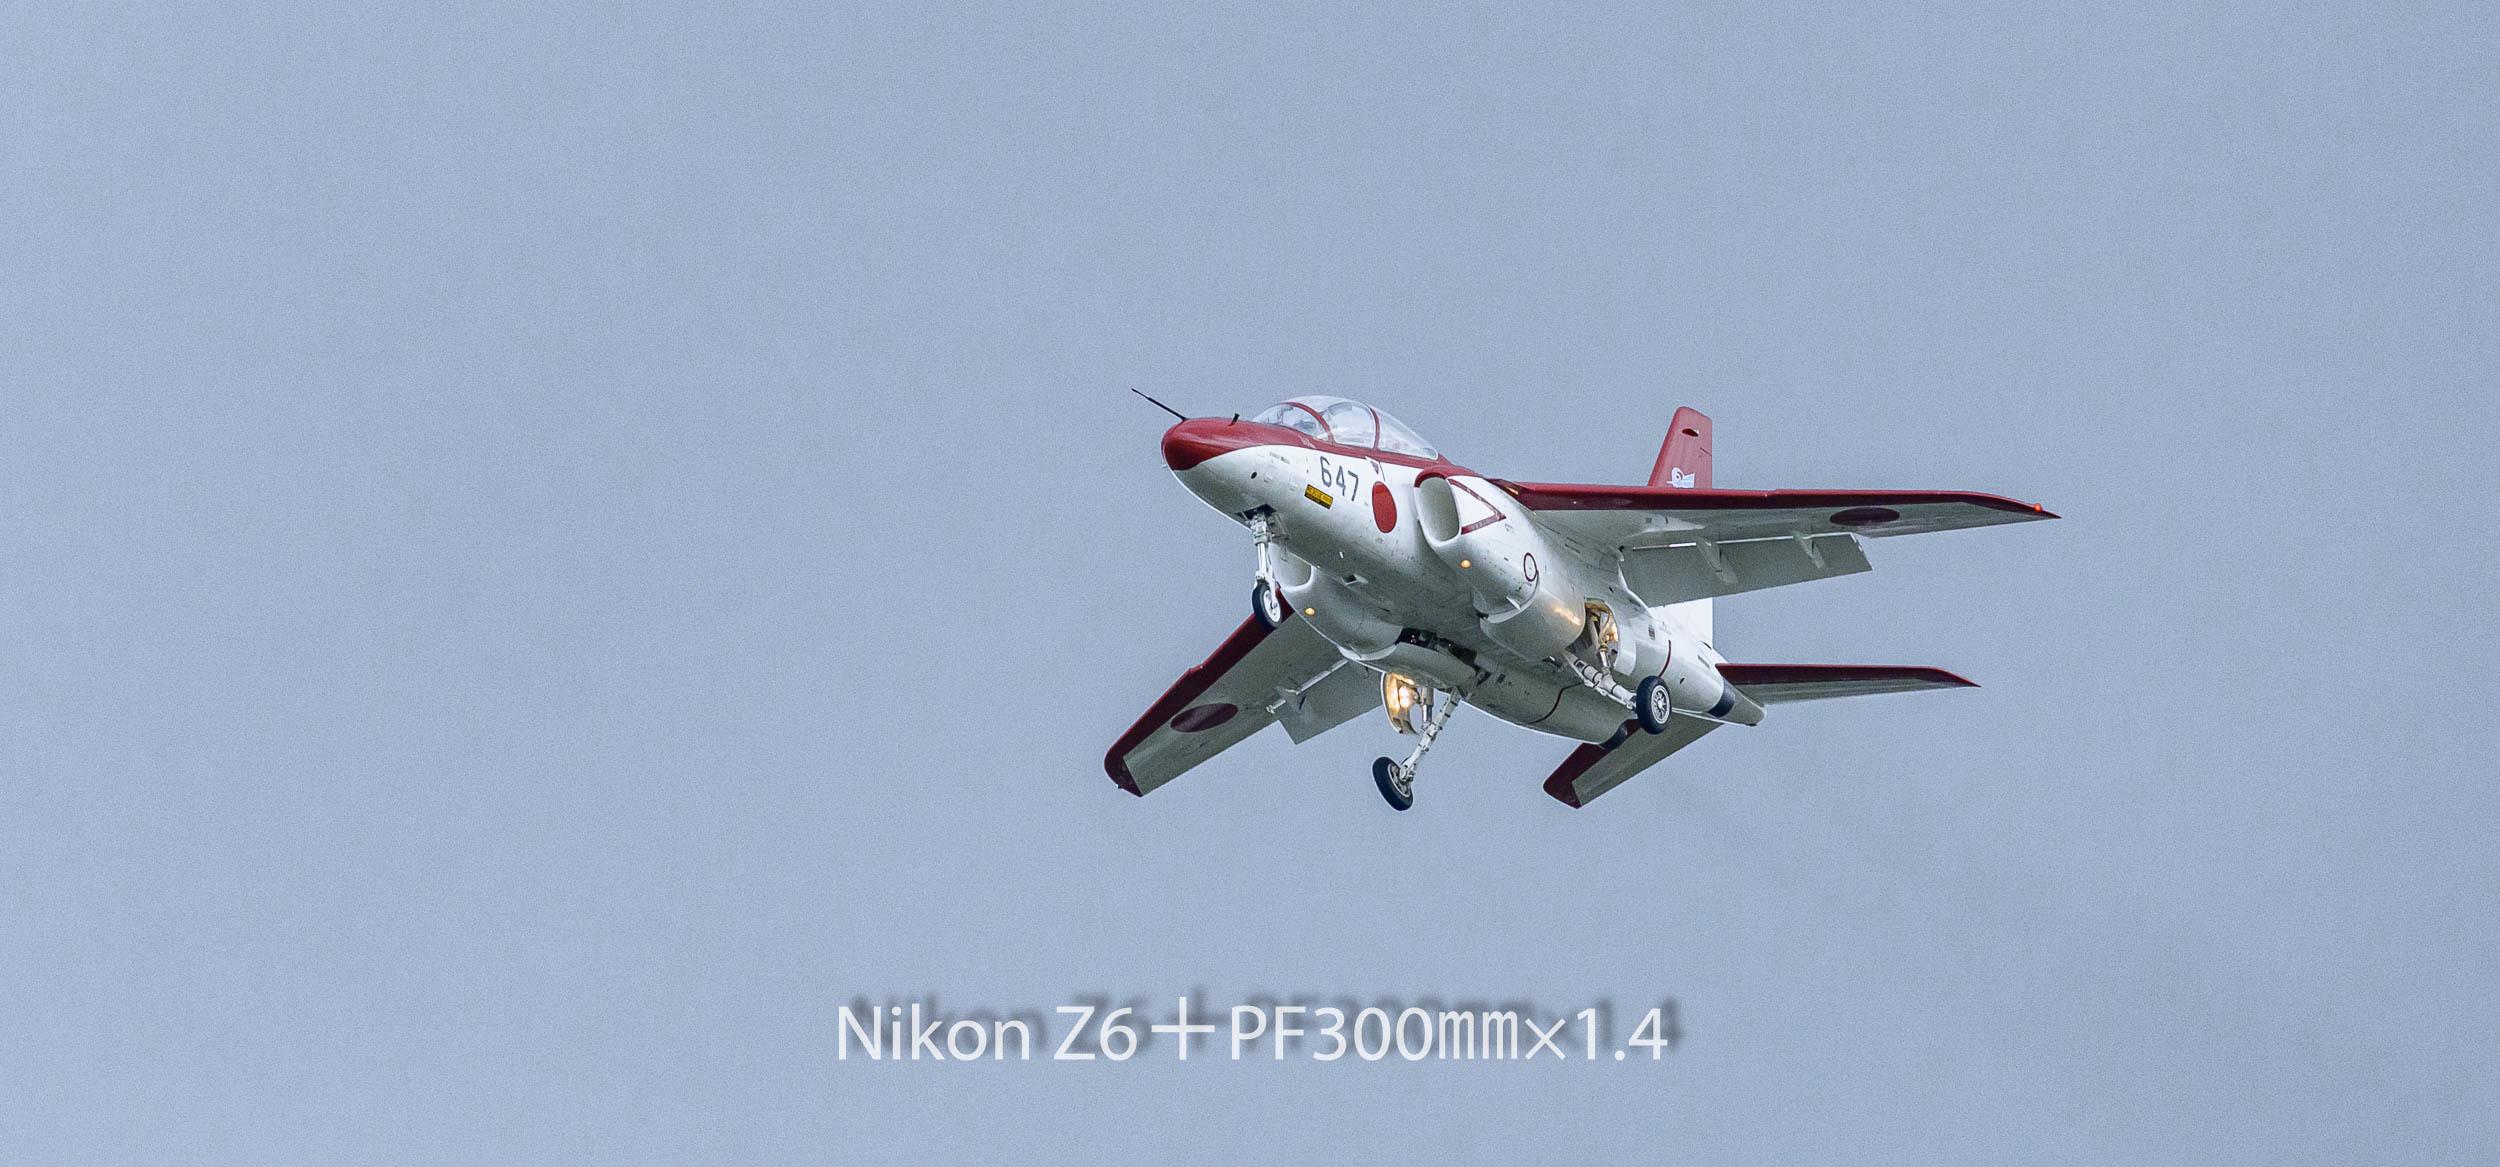 191008 ジェット練習機-27 NIKON Z 6 ISO 3200 420 mm 4367 x 2038